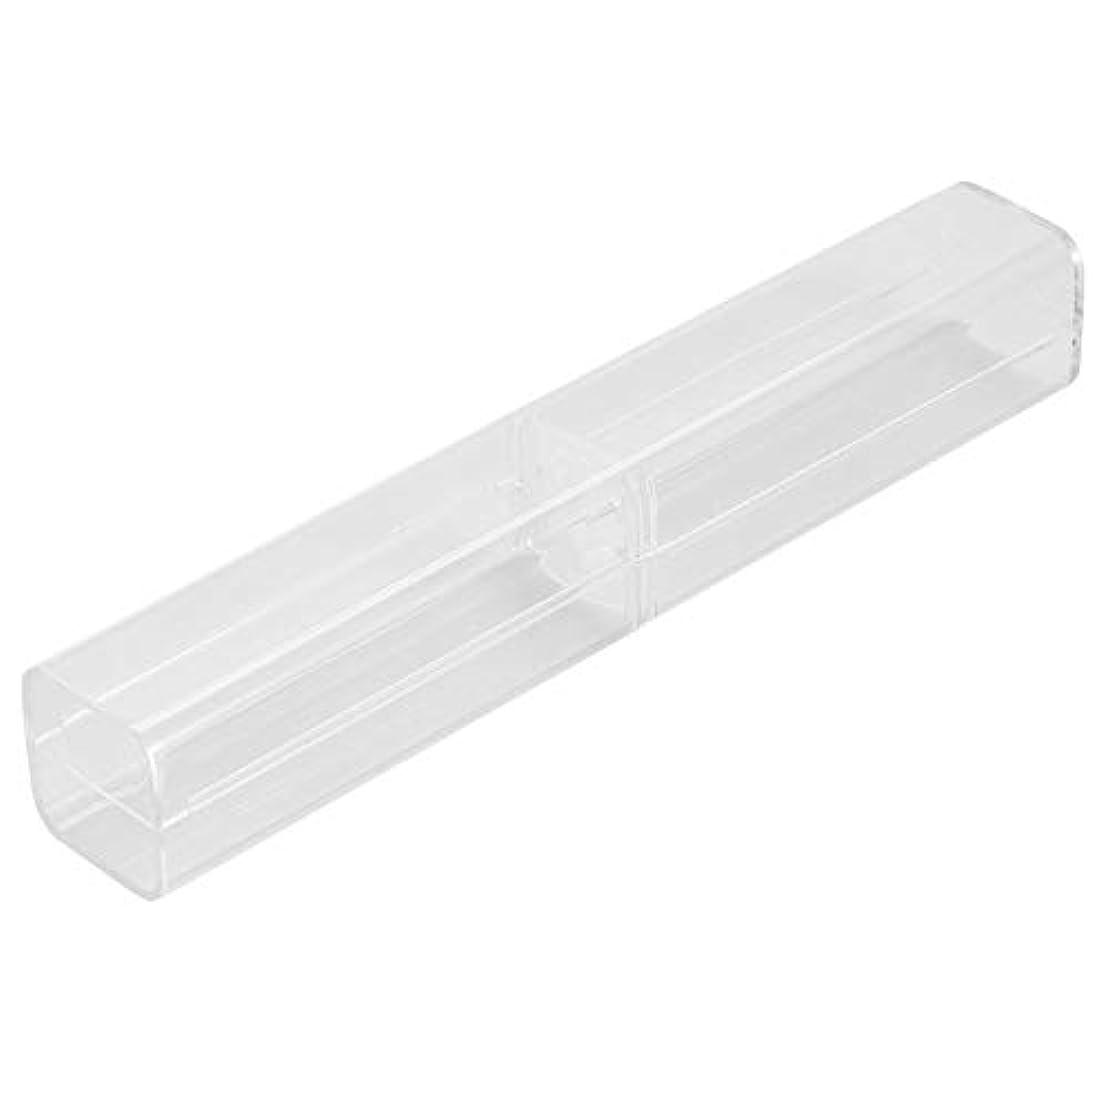 暗くするペチコート増幅する1ピース収納ボックス - 手動ペン眉毛タトゥークリアケース透明収納ボックス、収納ボックス - タトゥーコンテナ